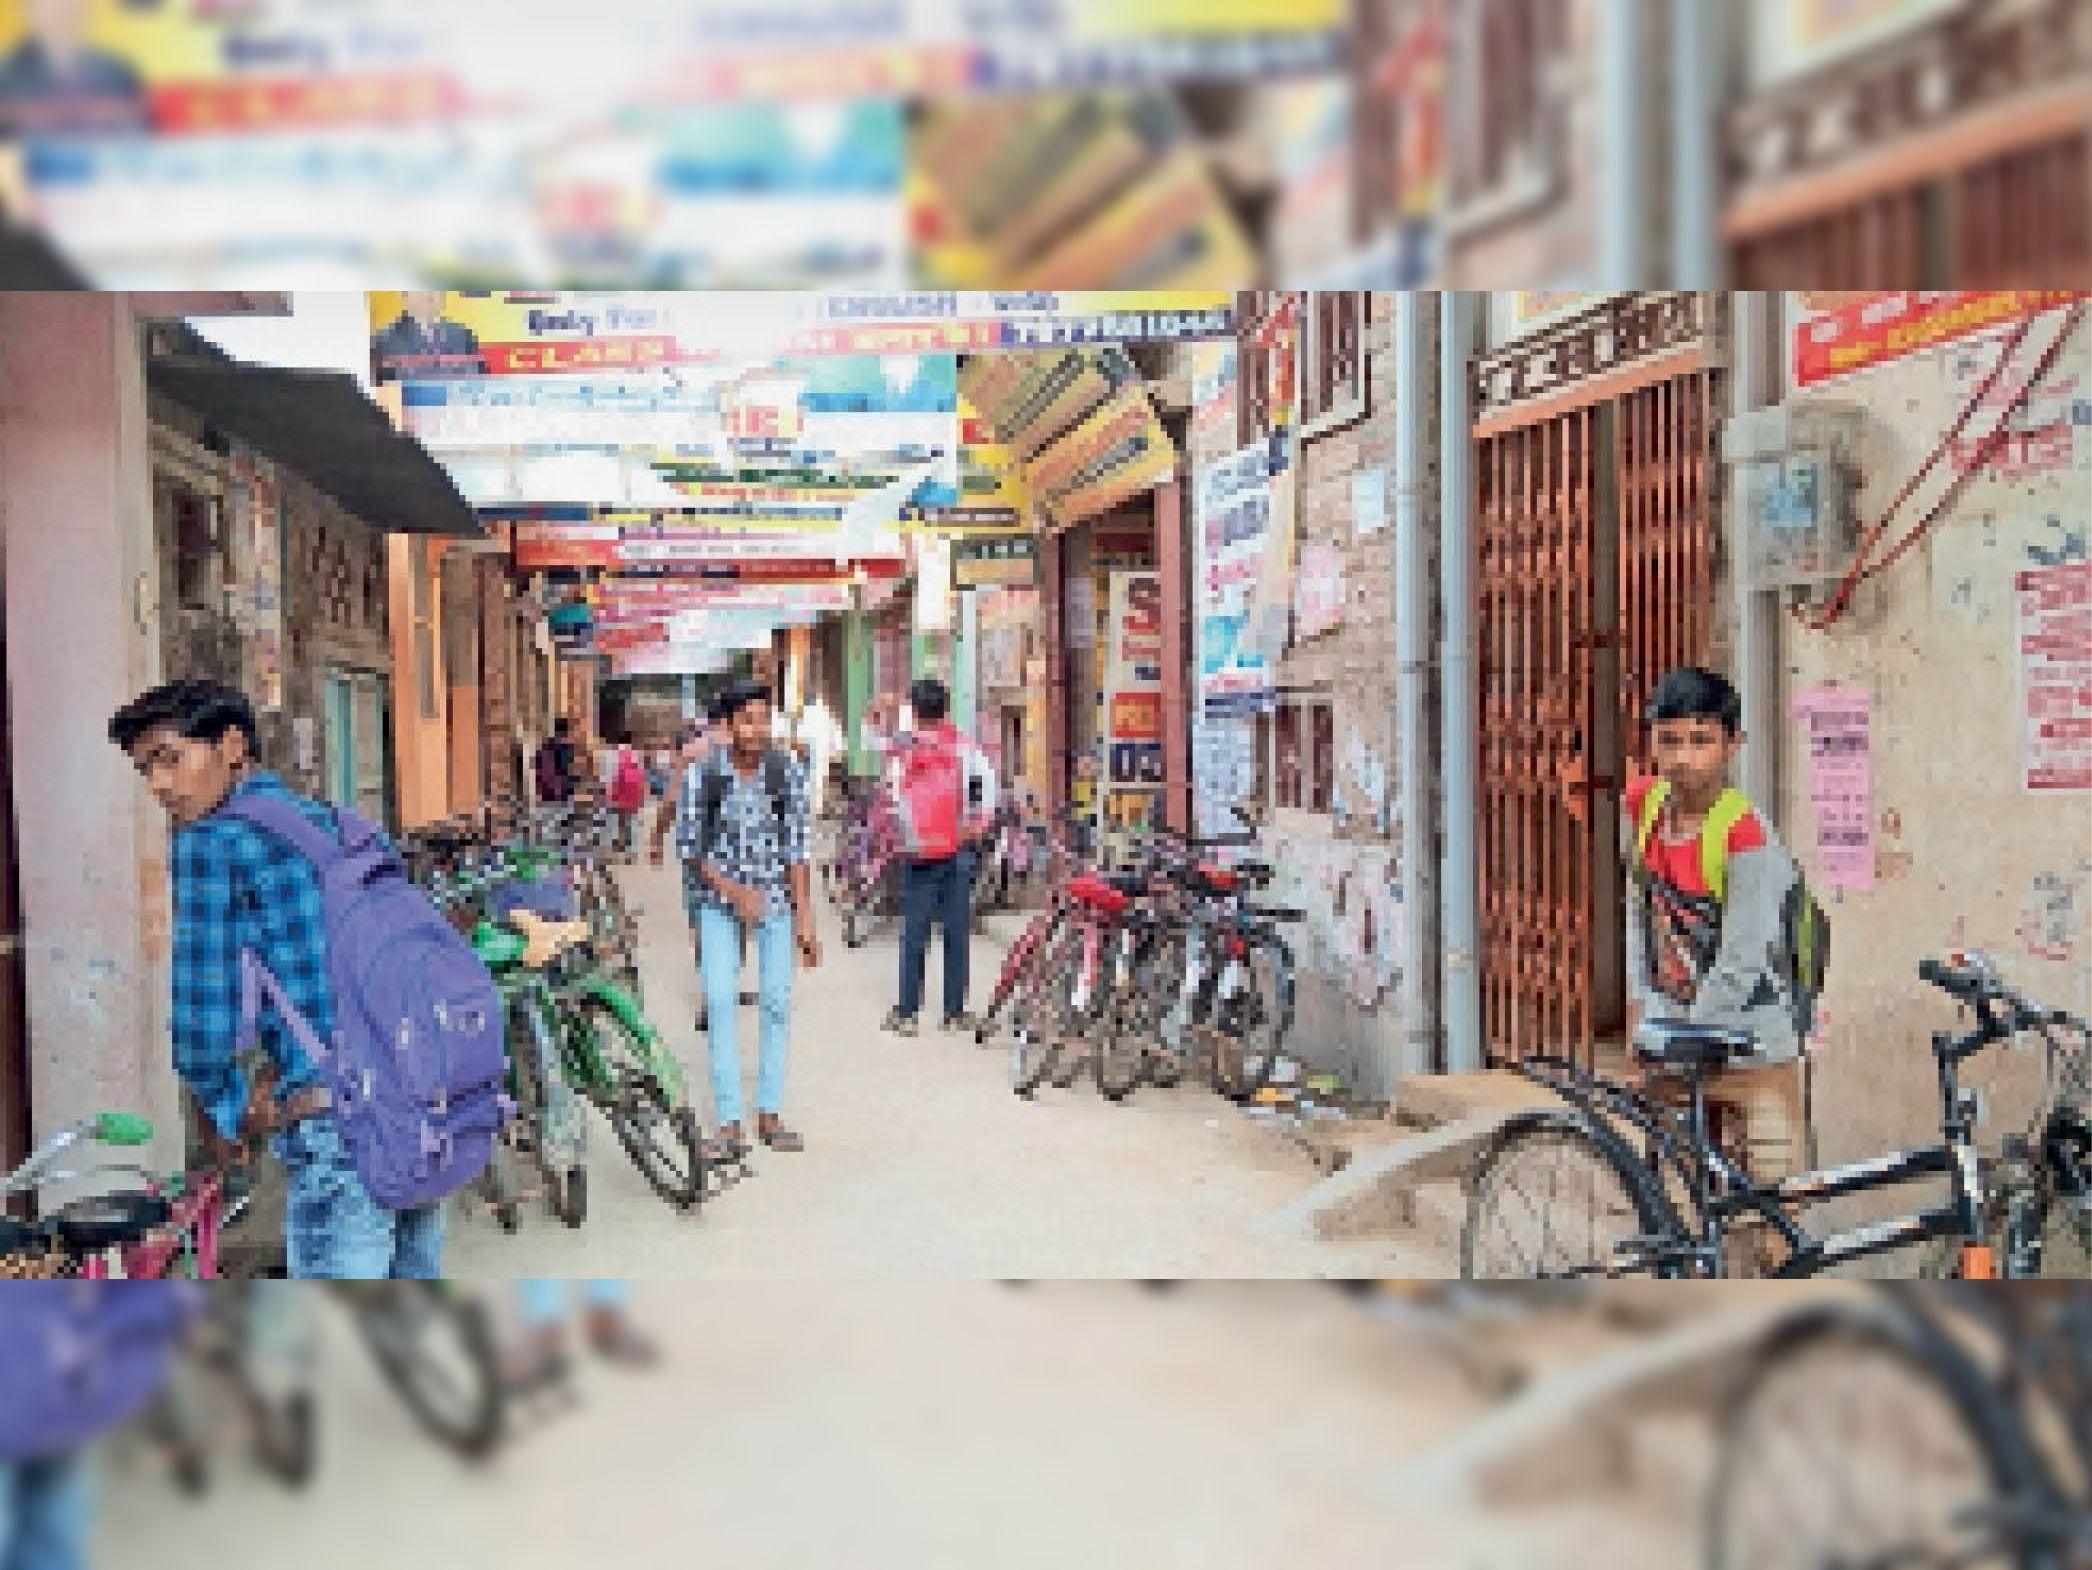 शहर के आदर्श नगर मोहल्ले में कोचिंग सेंटर में पढ़ने जाते बच्चे। - Dainik Bhaskar